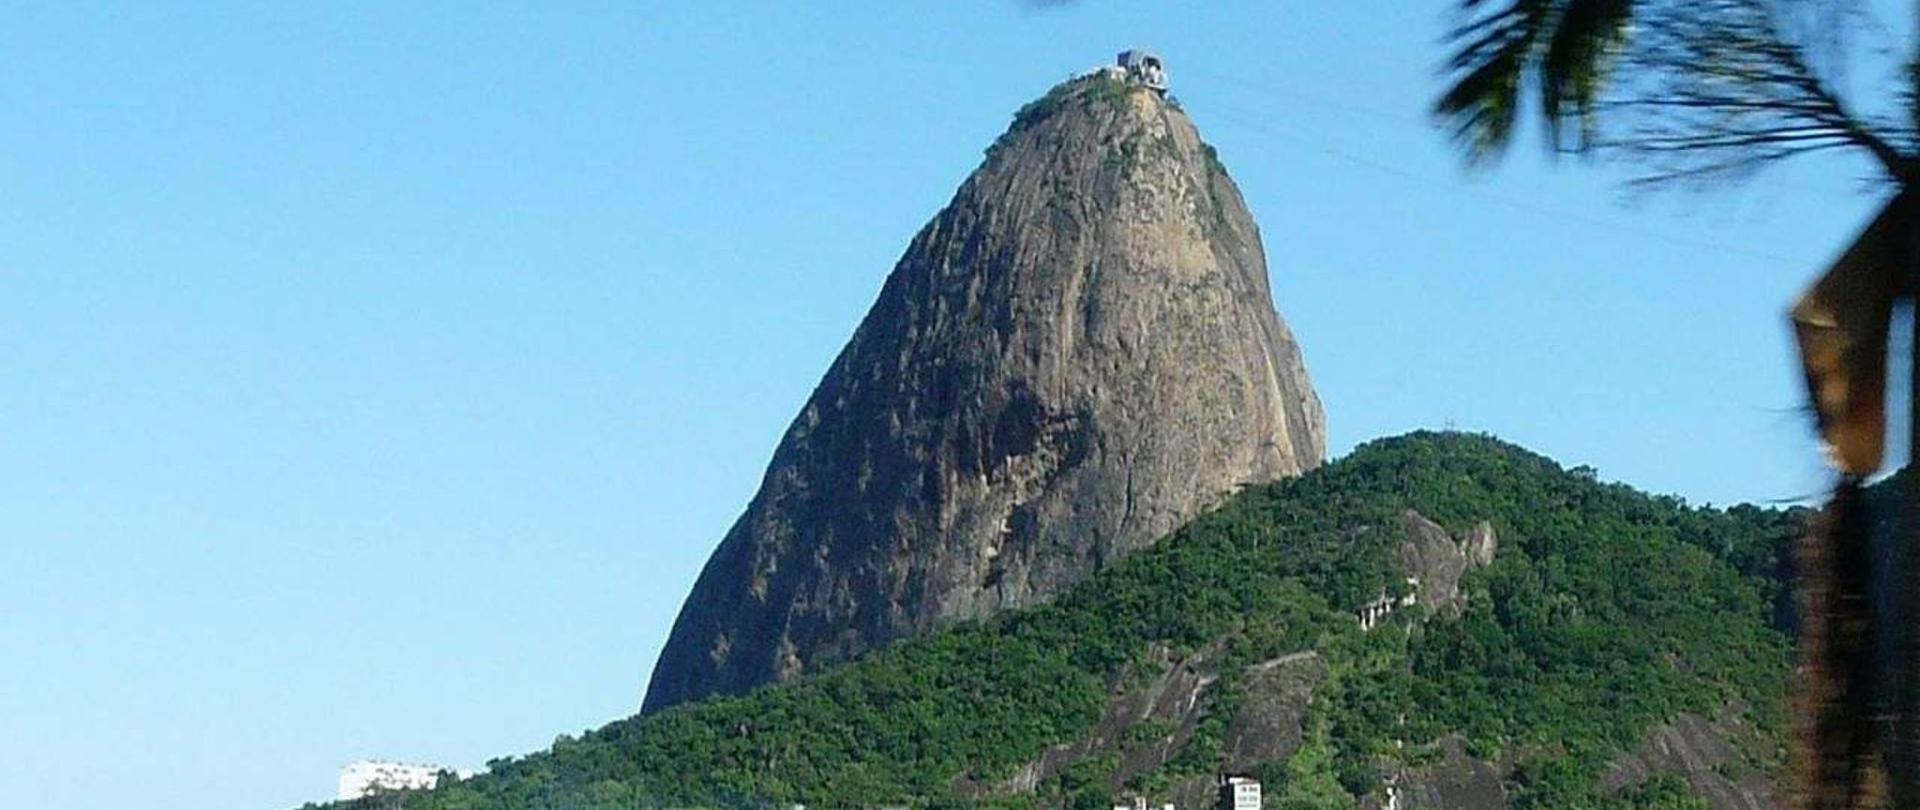 flamengo-_rio_de_janeiro_-_state_of_rio_de_janeiro-_brazil_-_panoramio.jpg